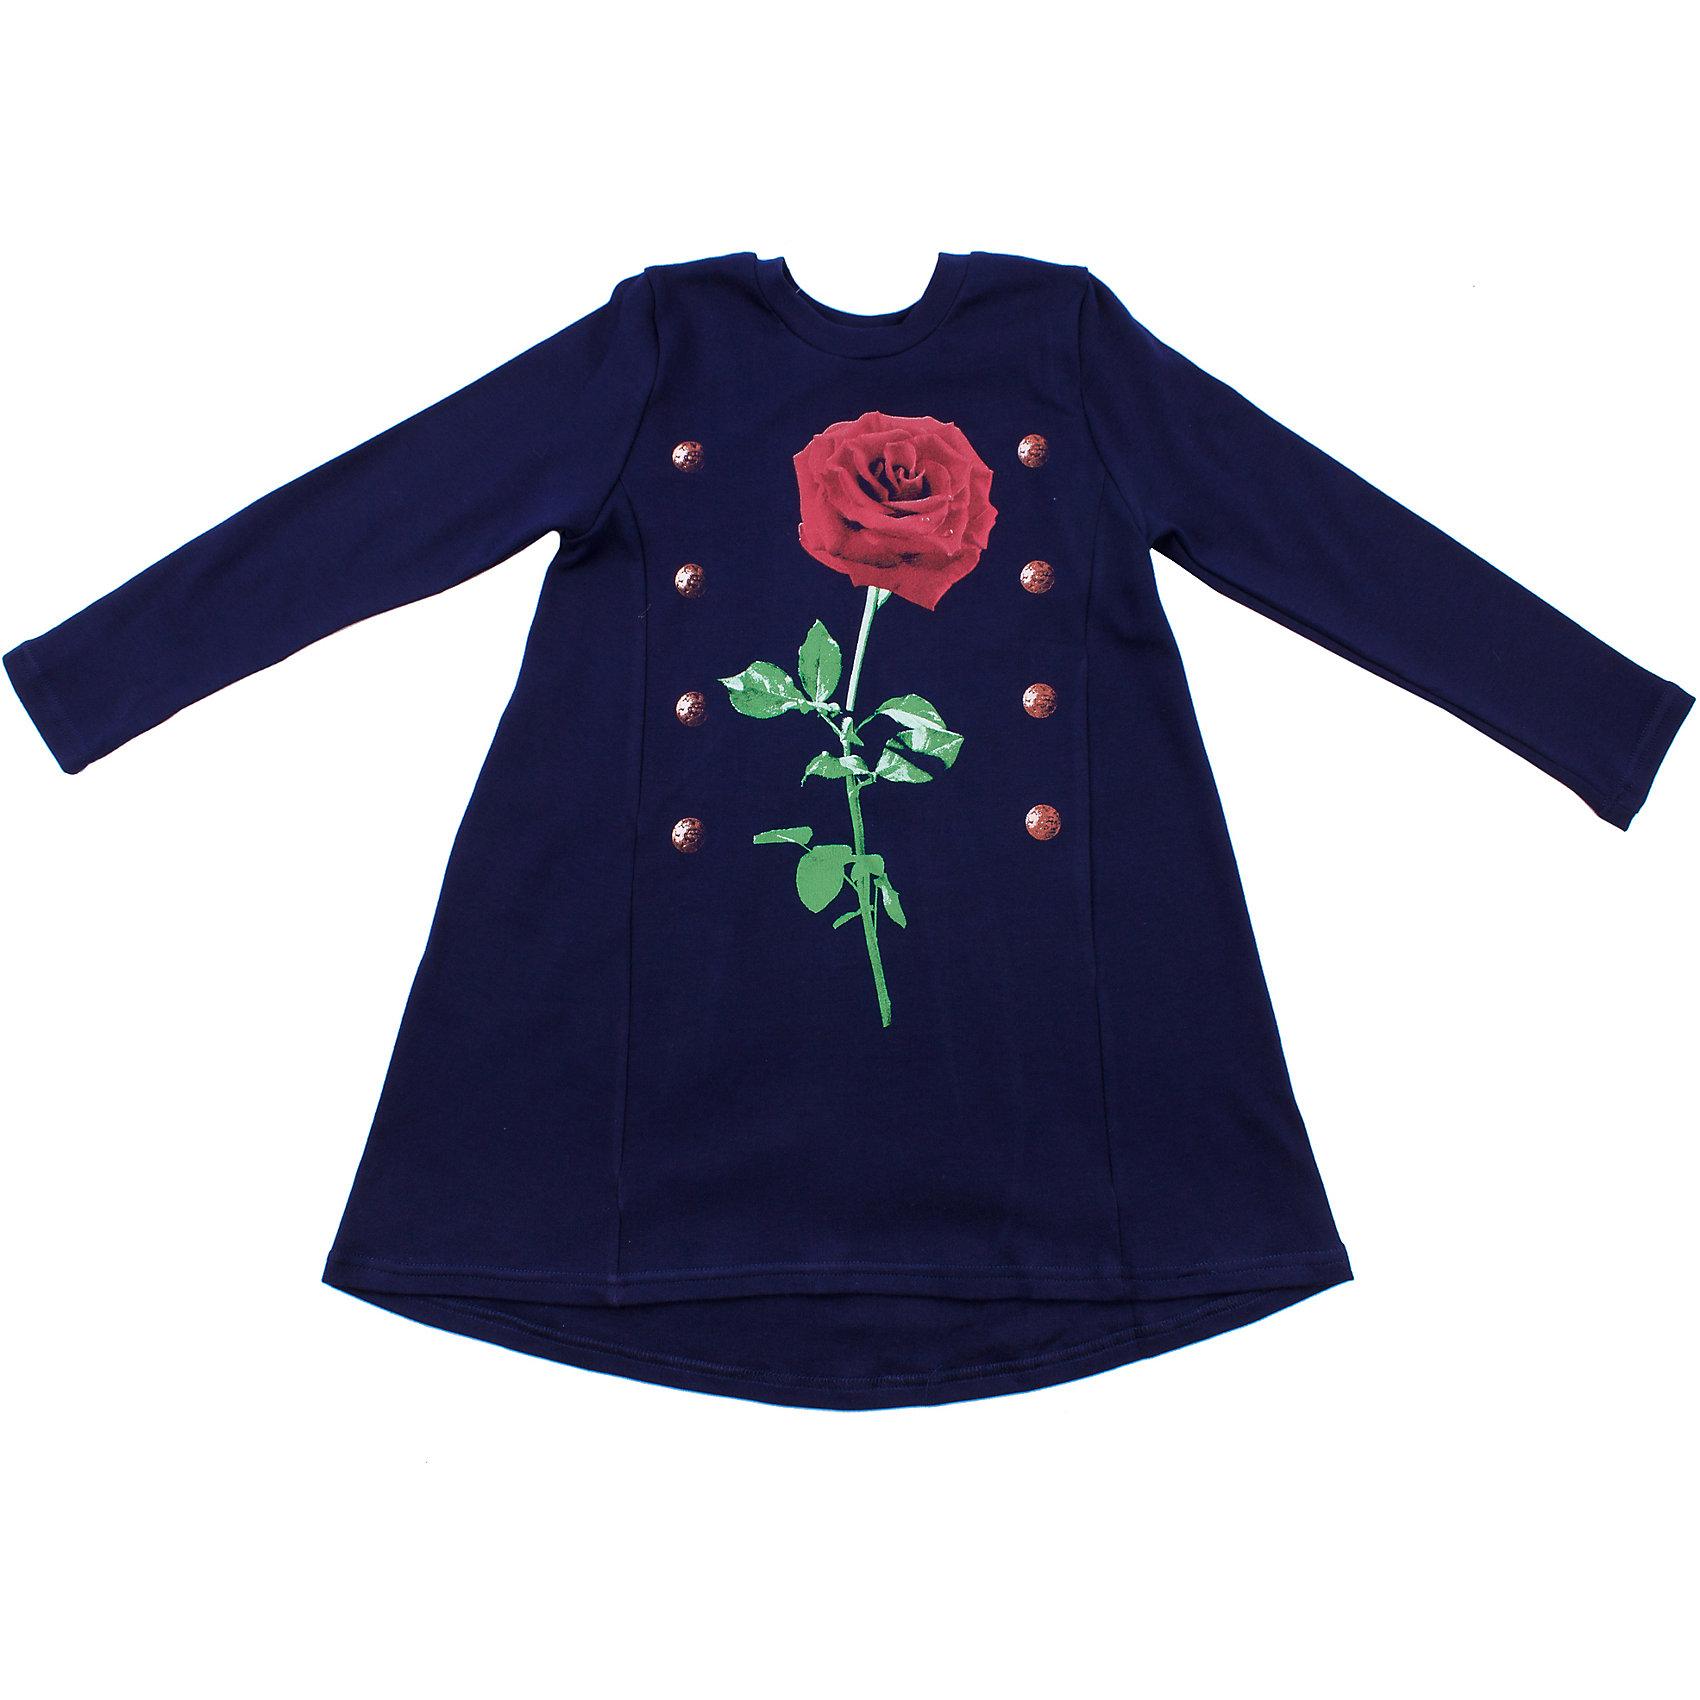 Апрель Платье для девочки Апрель купить цветочники уличные для цветов